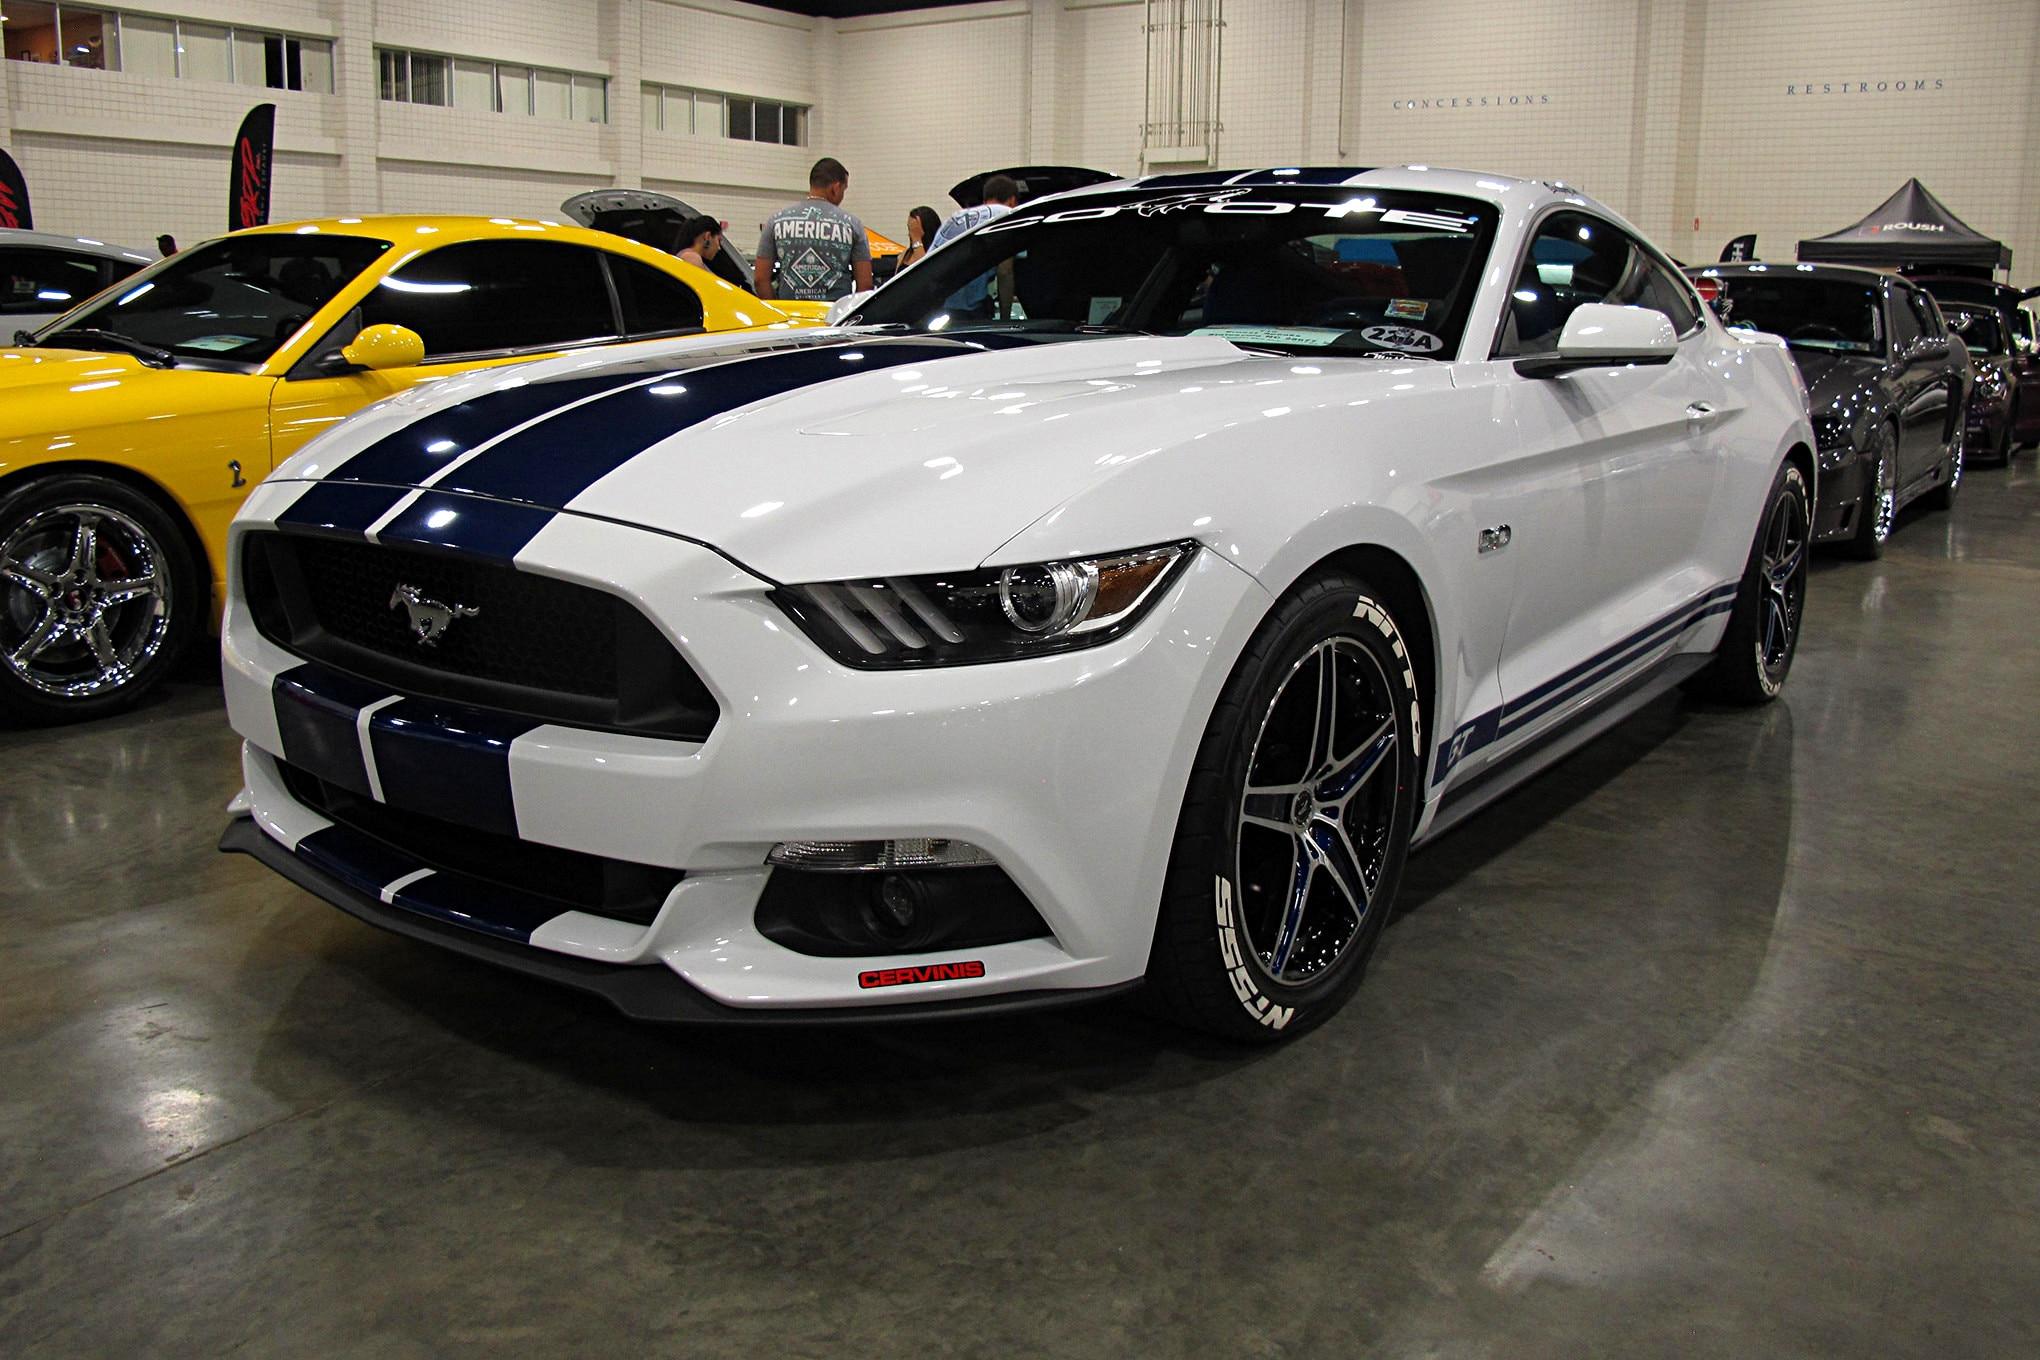 087 2018 Mustang Week S550 Mustangs